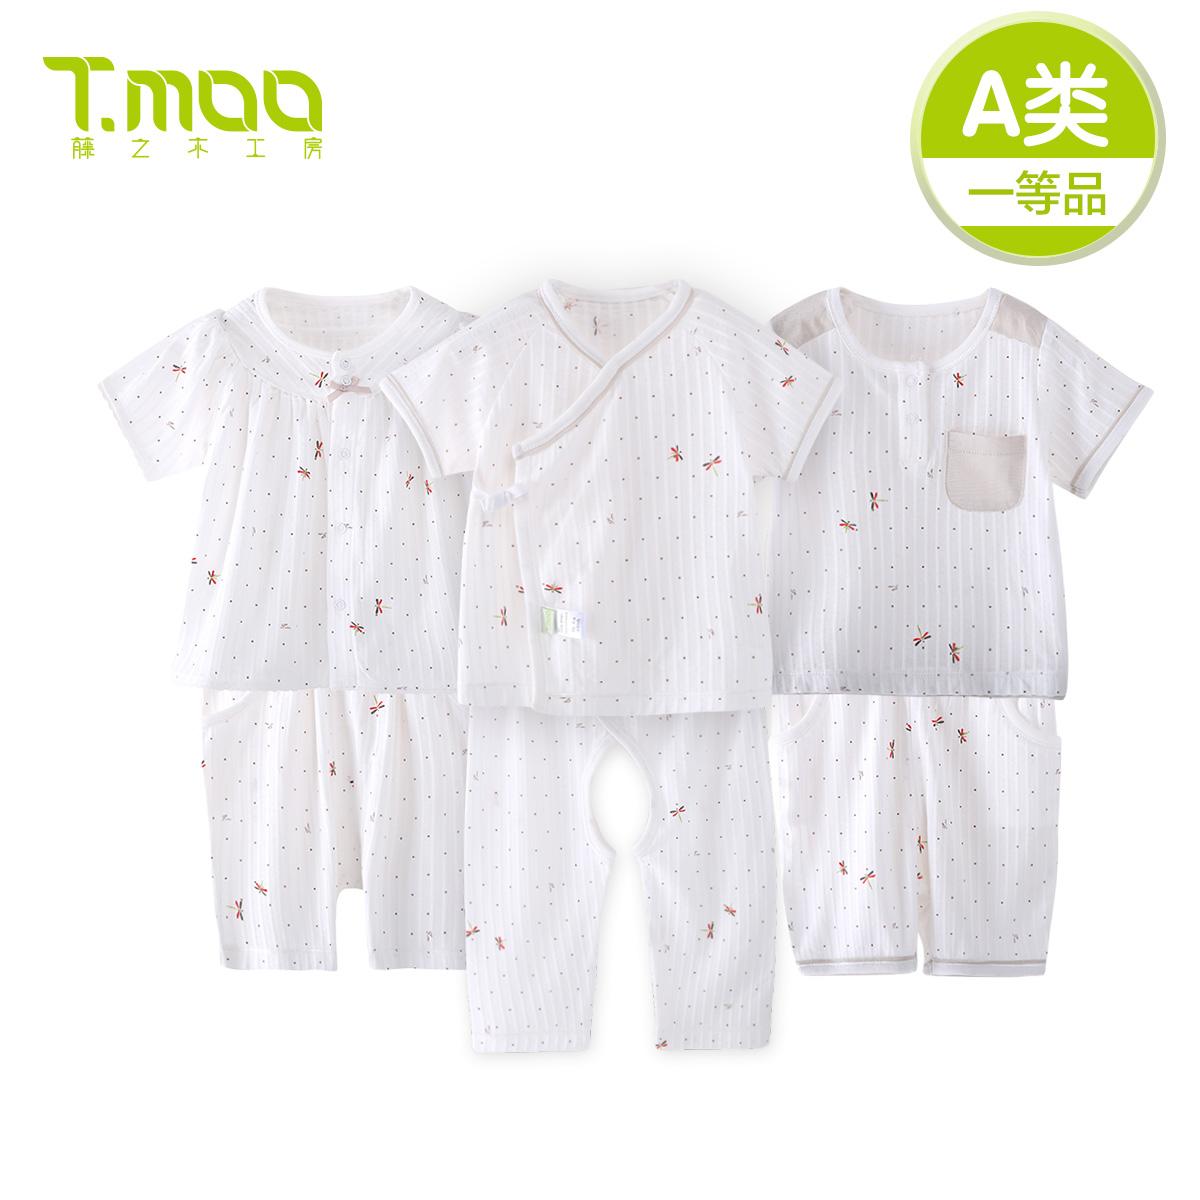 藤之木工房新款夏裝寶寶衣服童裝男女童兒童短袖套裝0-3歲